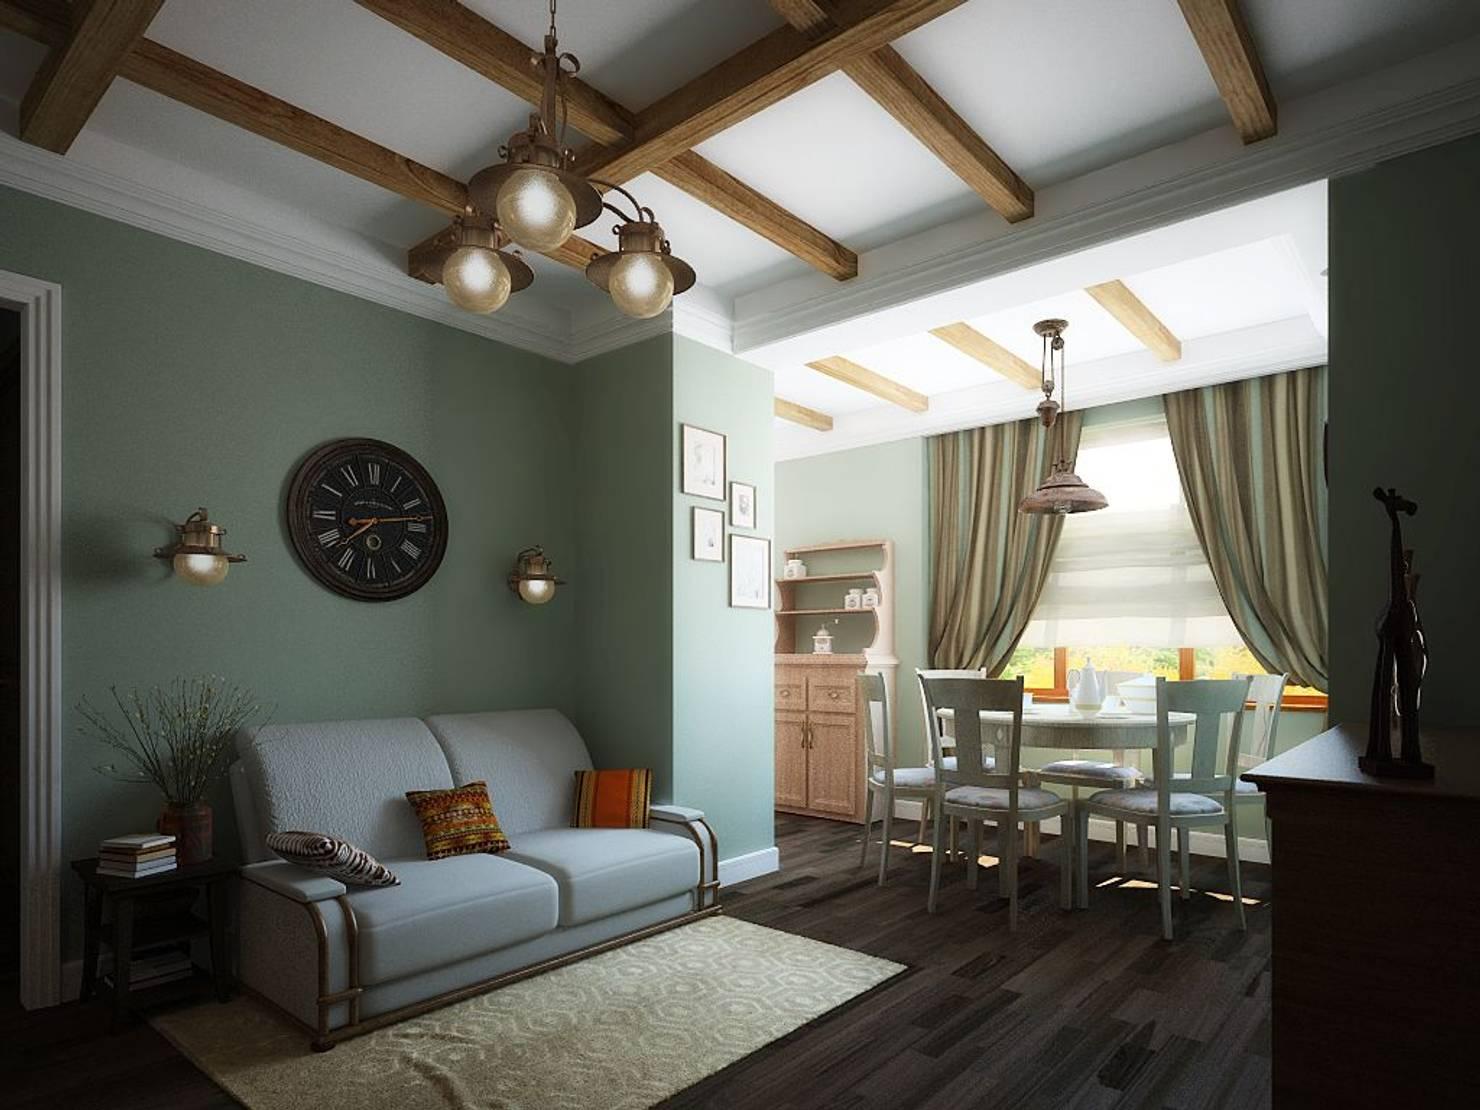 Стильная квартира с природными элементами